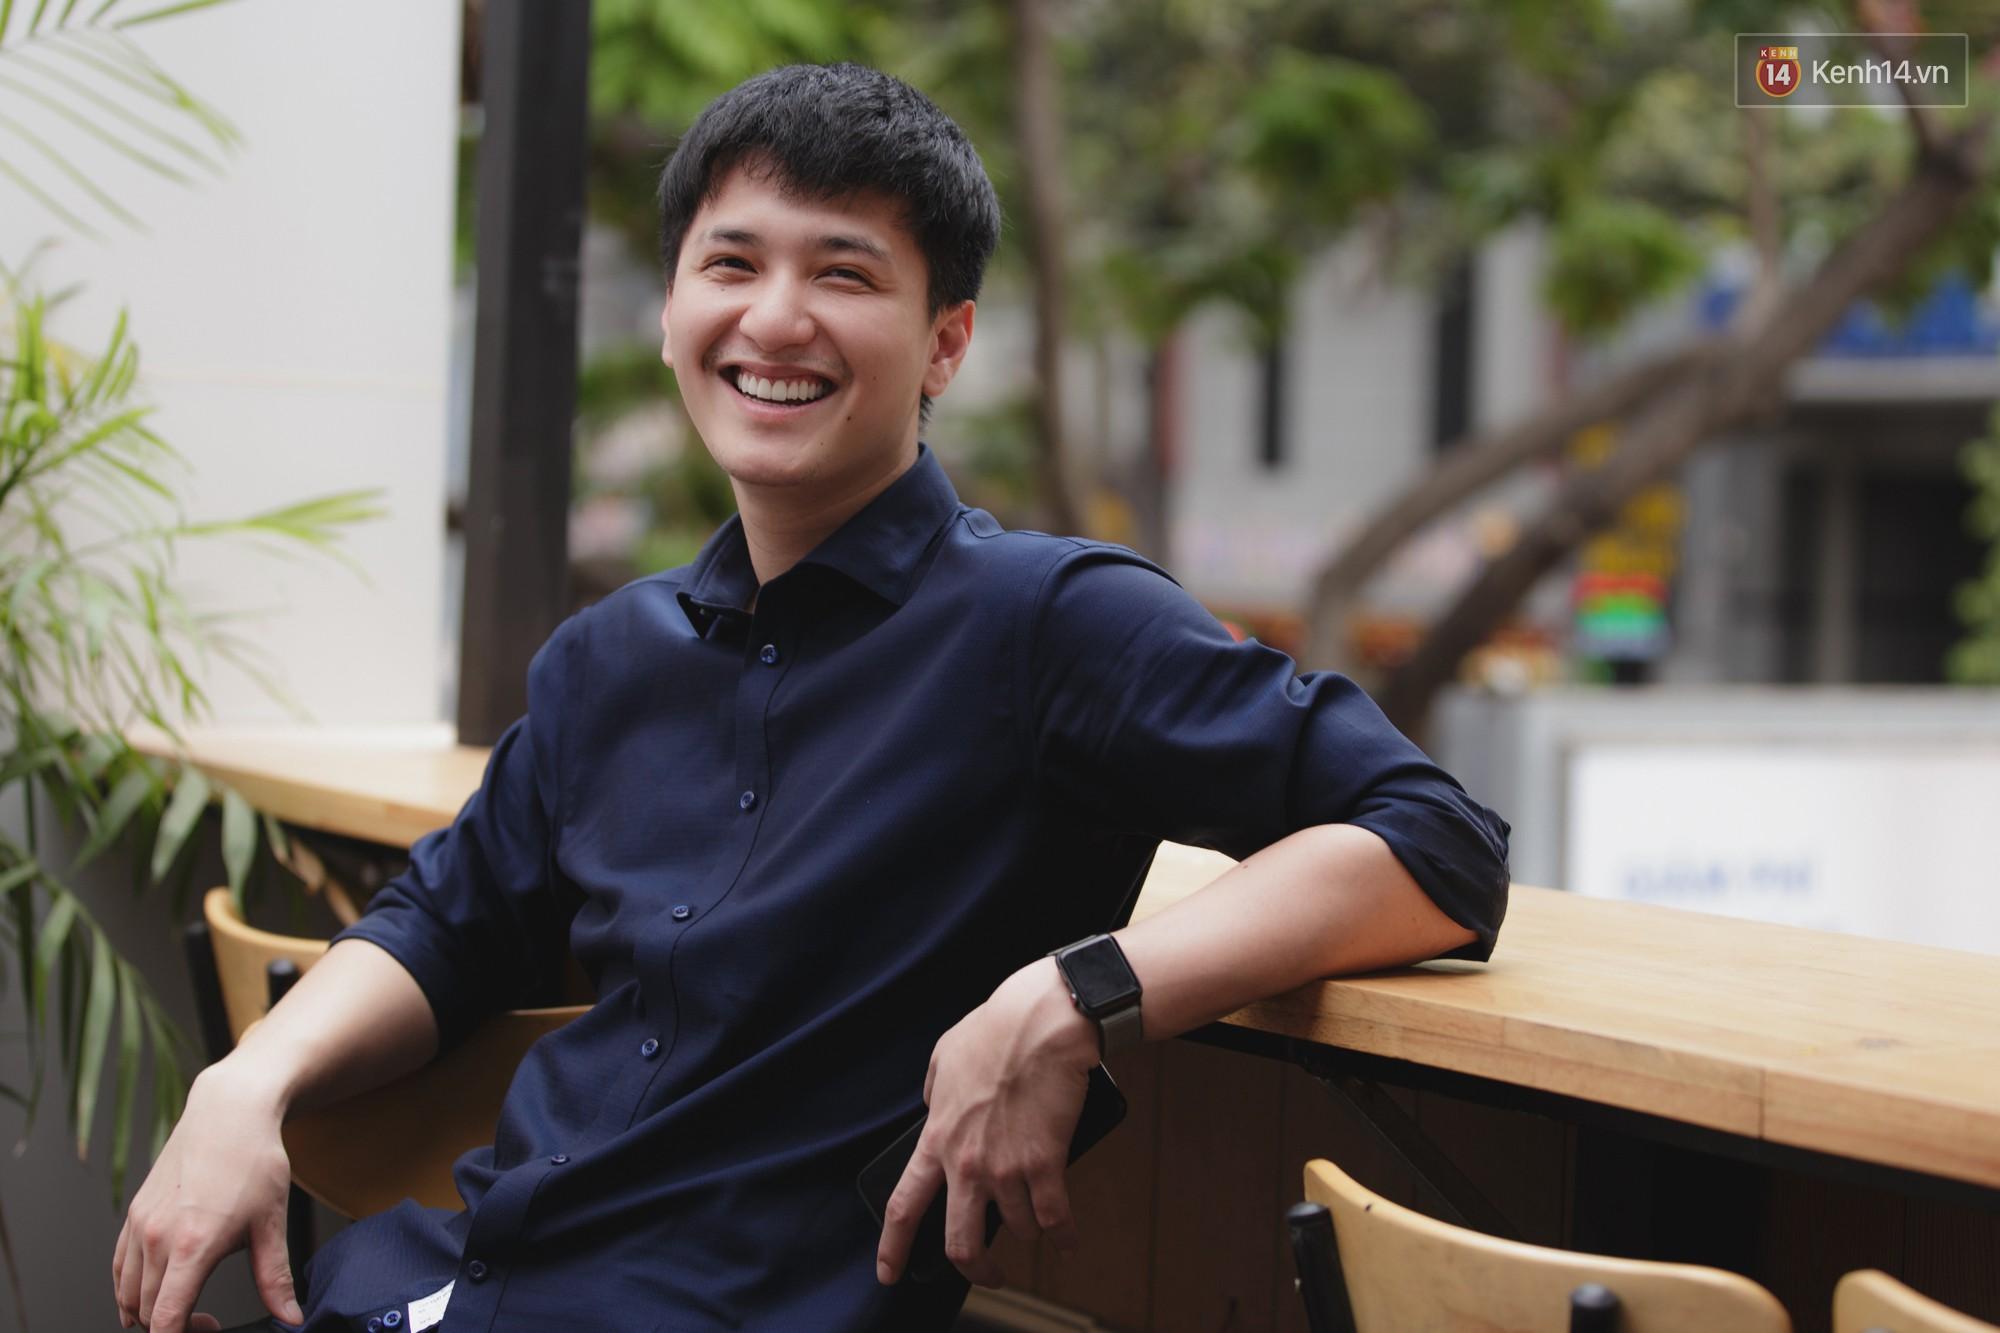 Huỳnh Anh kể chuyện Chạy Trốn Thanh Xuân: Phi không chết vì An, không yêu An thì yêu ai! - Ảnh 8.